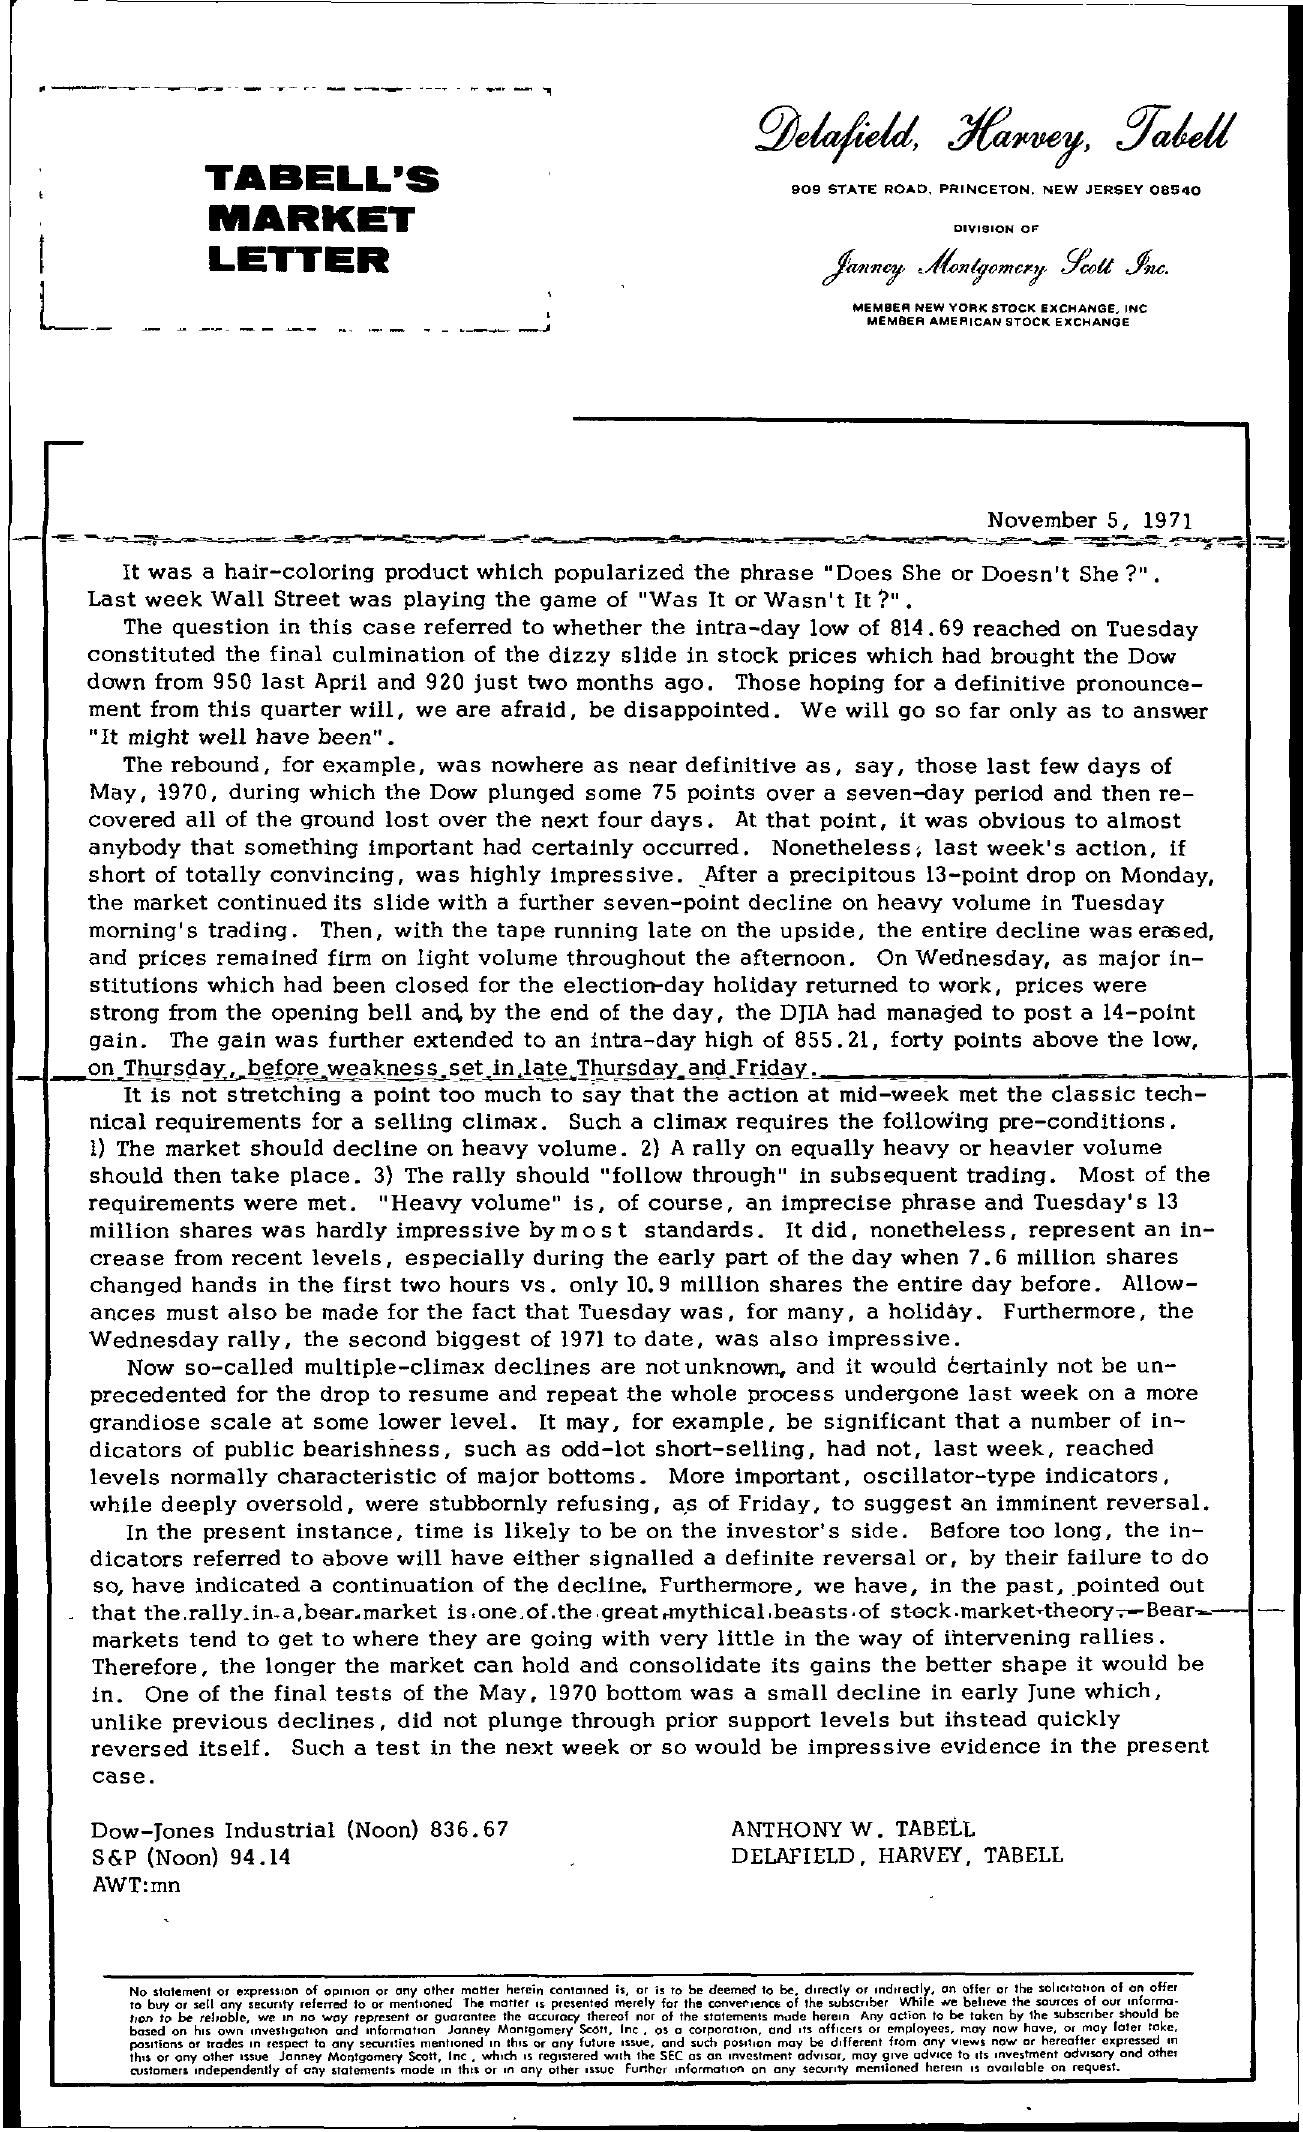 Tabell's Market Letter - November 05, 1971